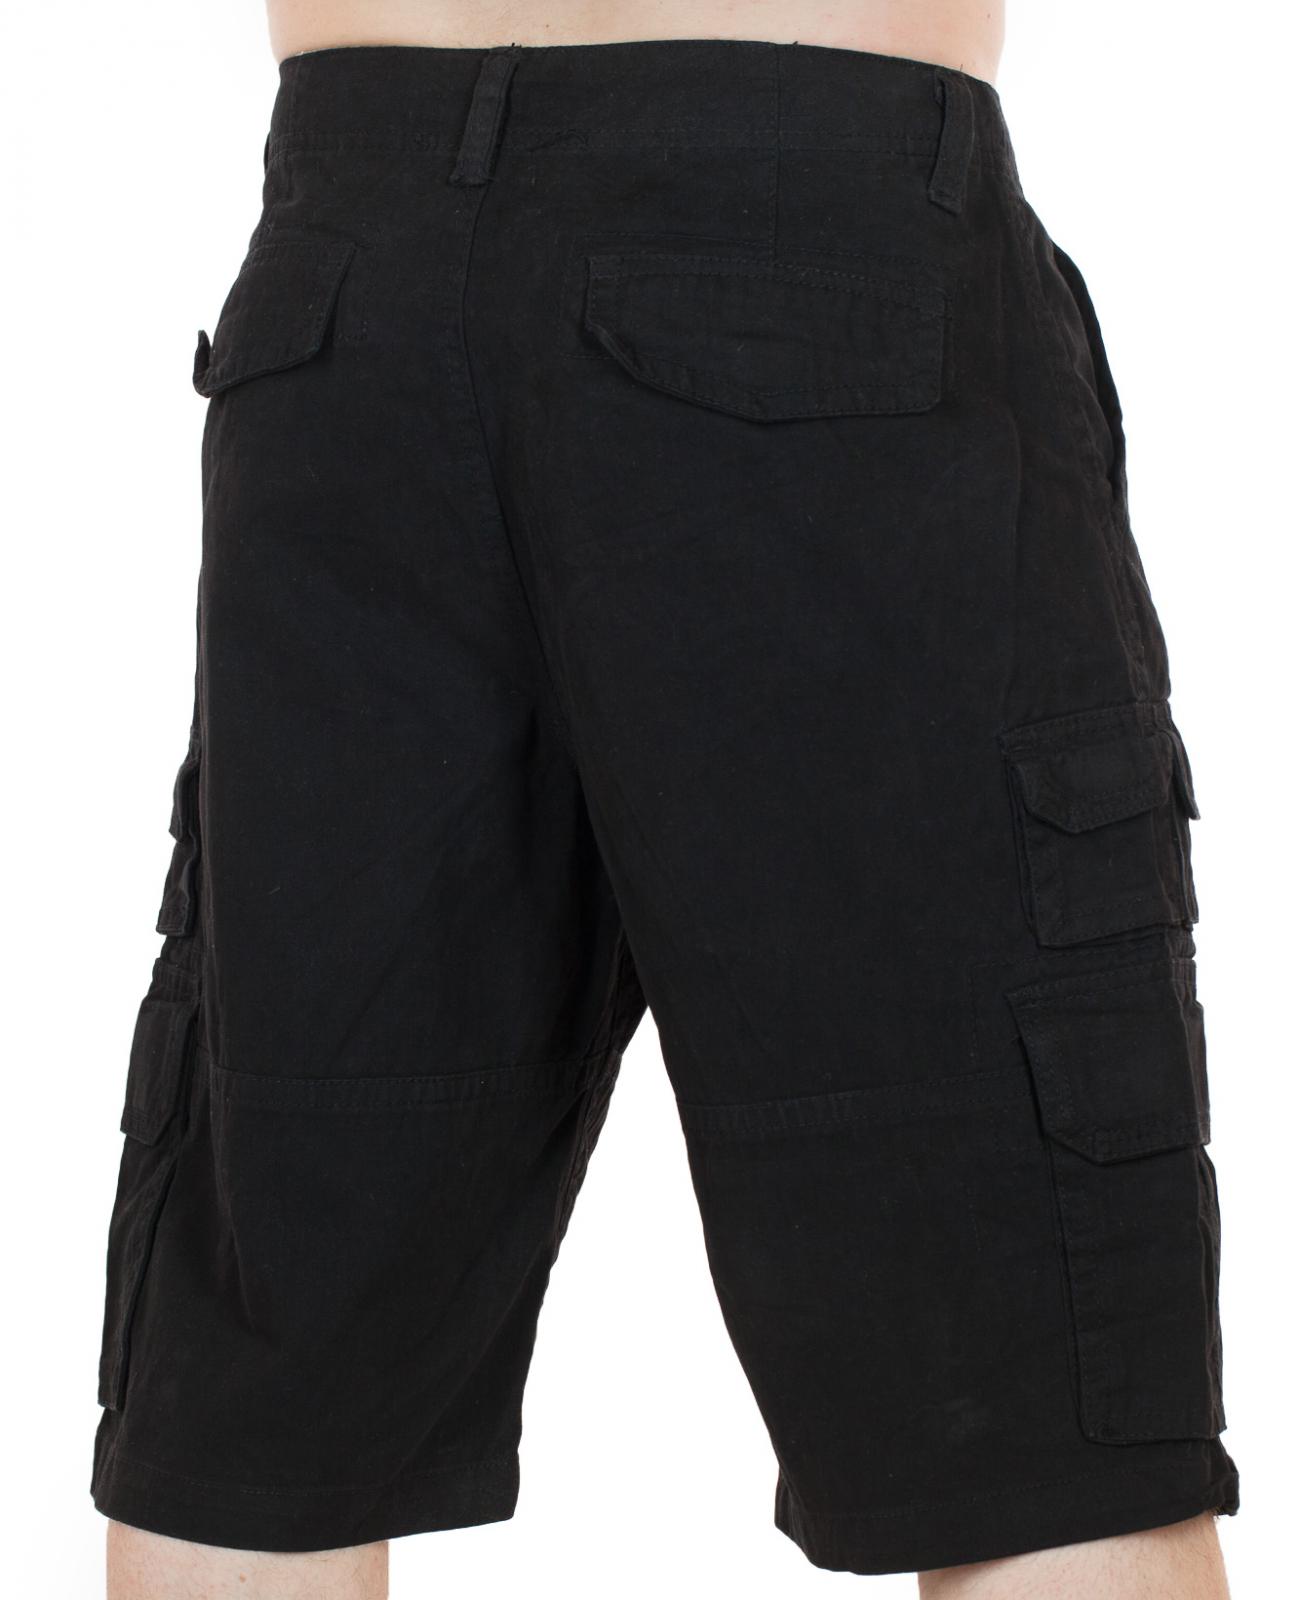 Тактические шорты (Iron Co., США) по лучшей цене